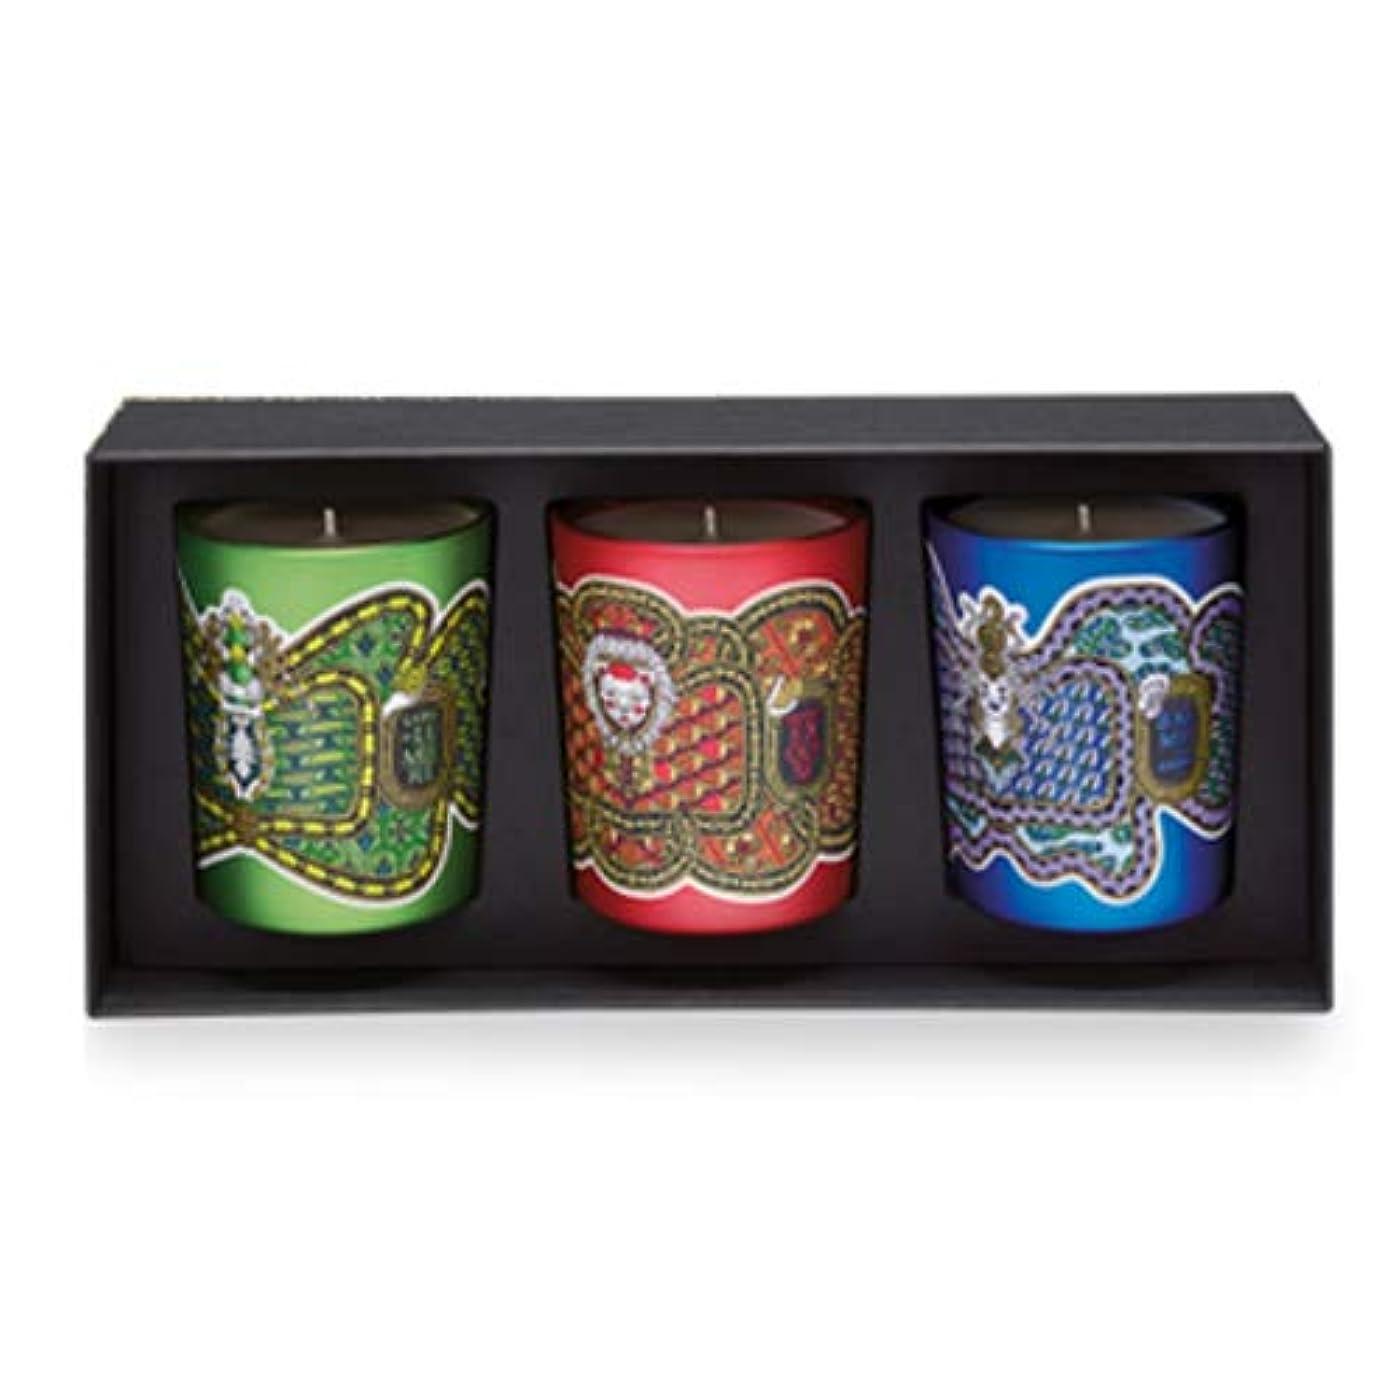 損なう革命エーカーディプティック フレグランス キャンドル コフレ 3種類の香り 190g×3 DIPTYQUE LEGENDE DU NORD SCENTED HOLIDAY 3 CANDLE SET [6586] [並行輸入品]